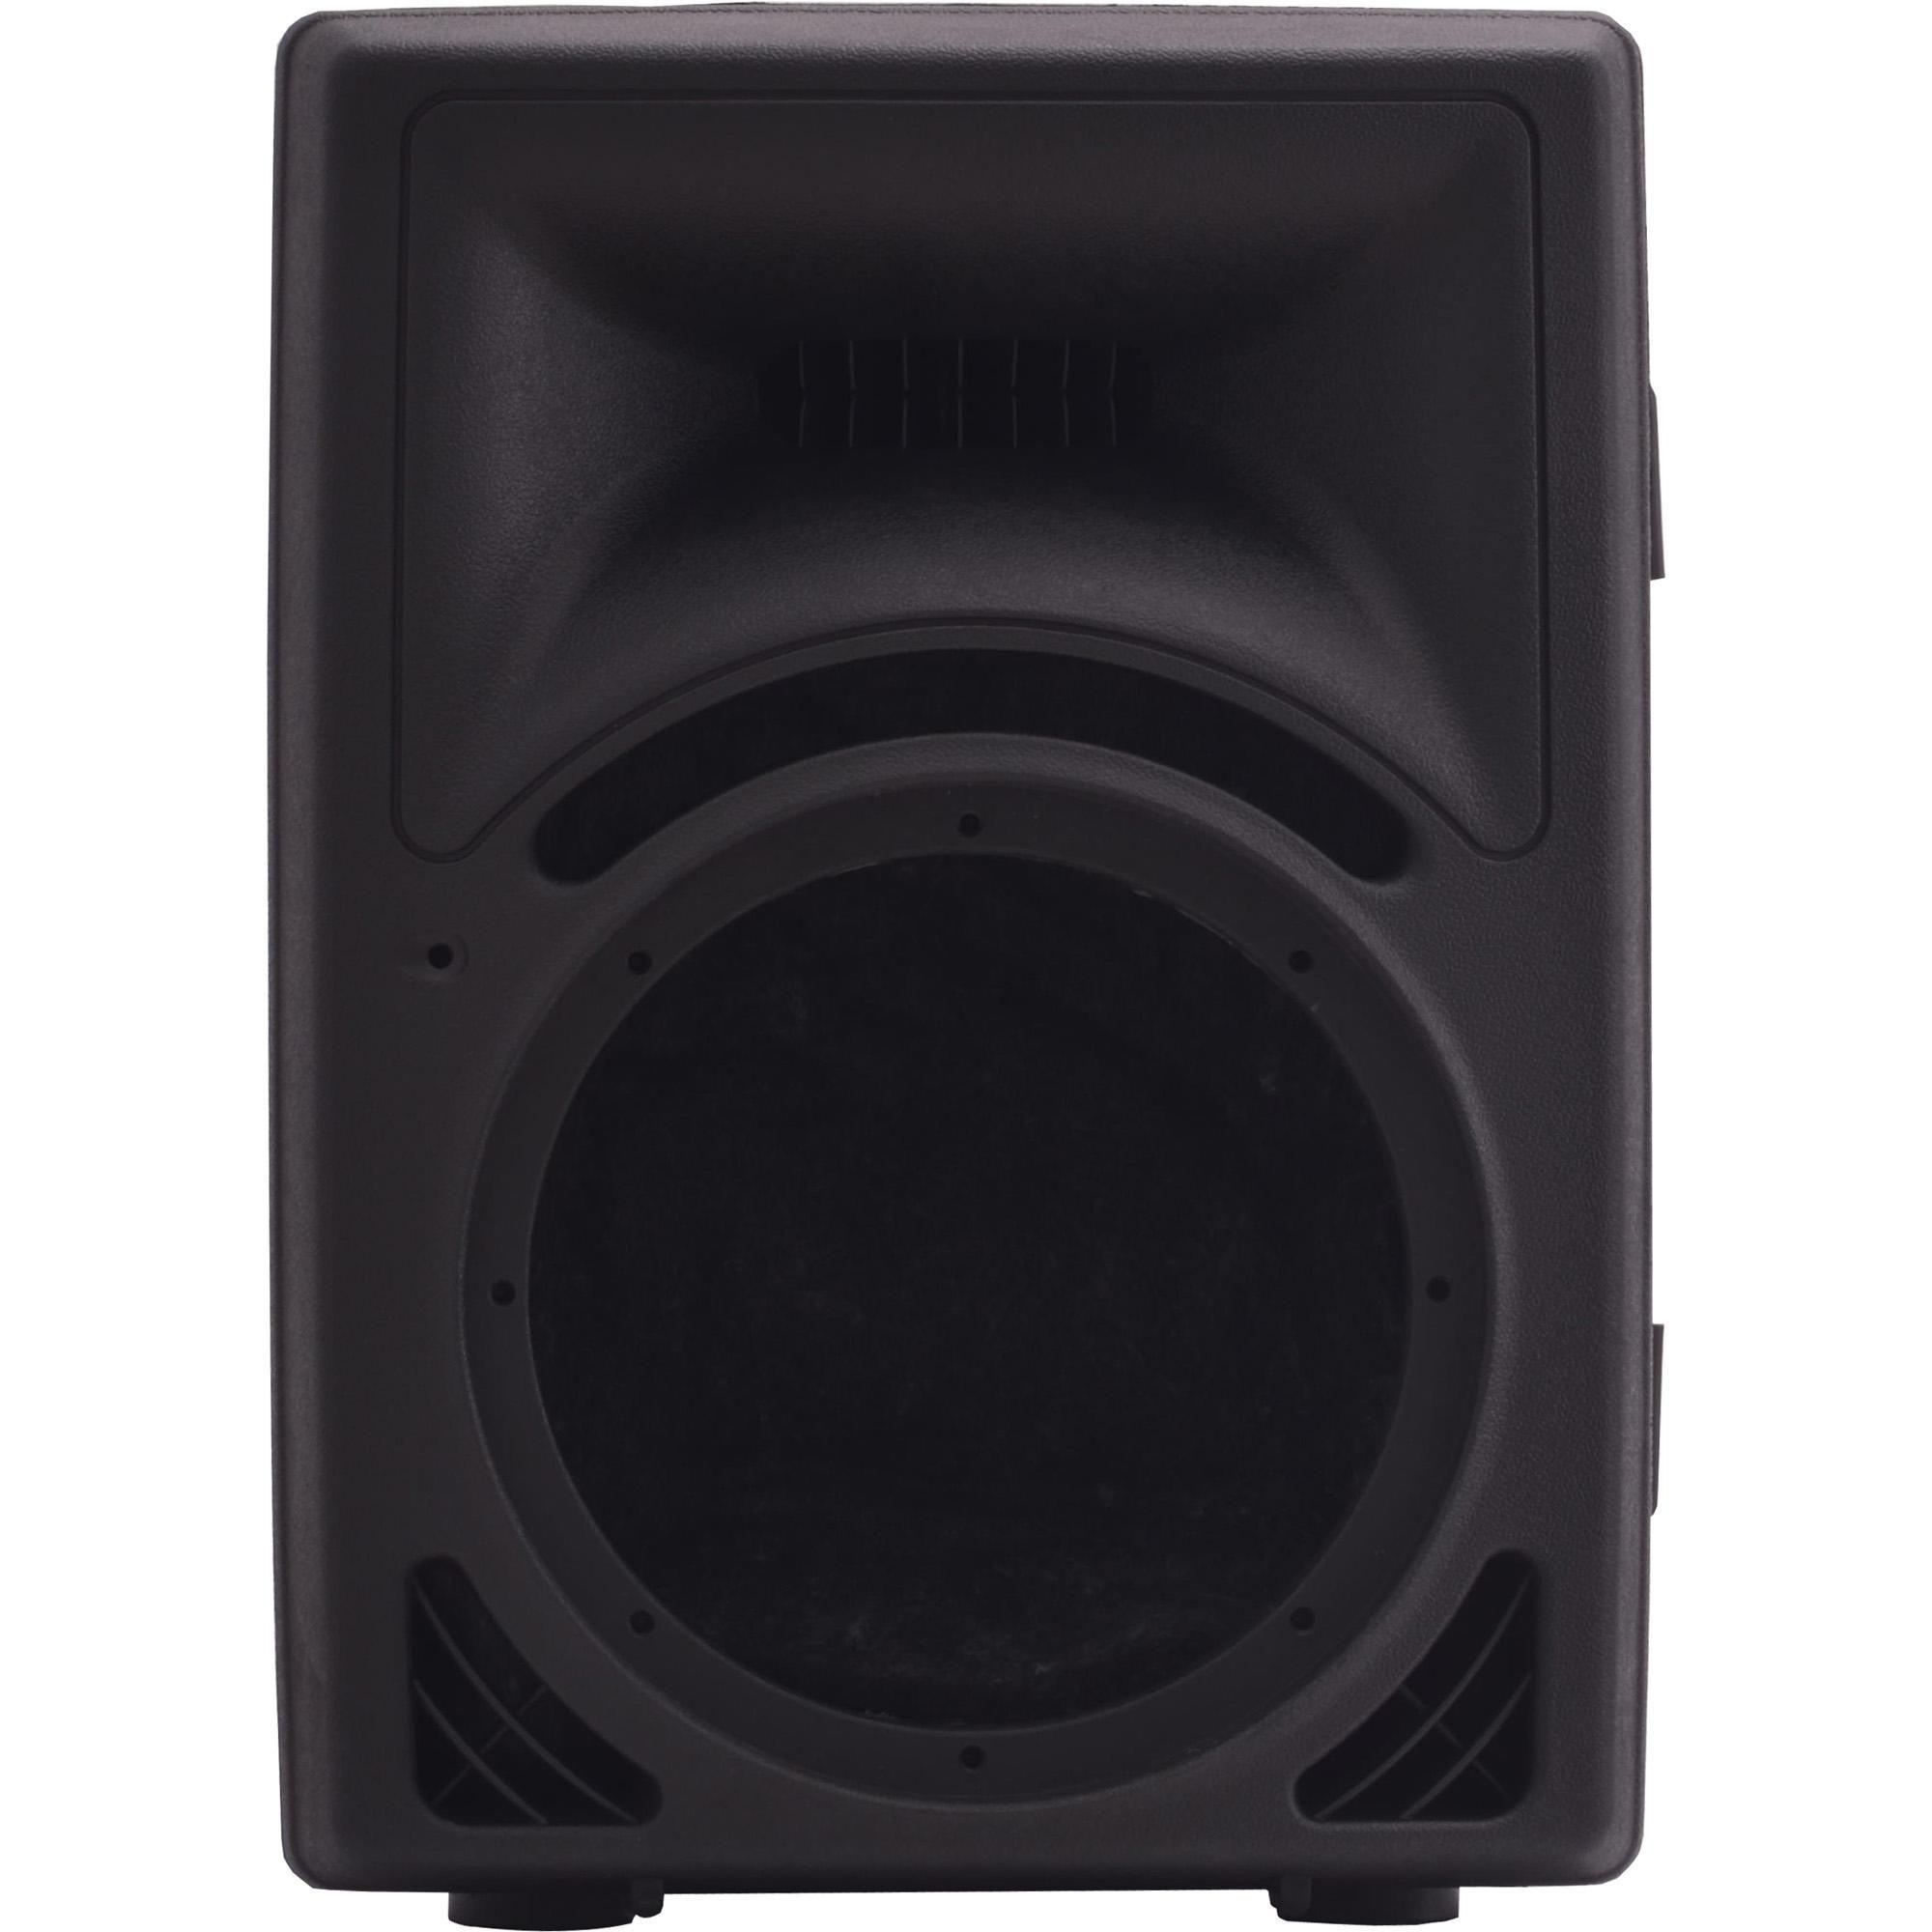 """Gabinete Para Caixa Acústica Plastico Injetado 12"""" polegadas"""